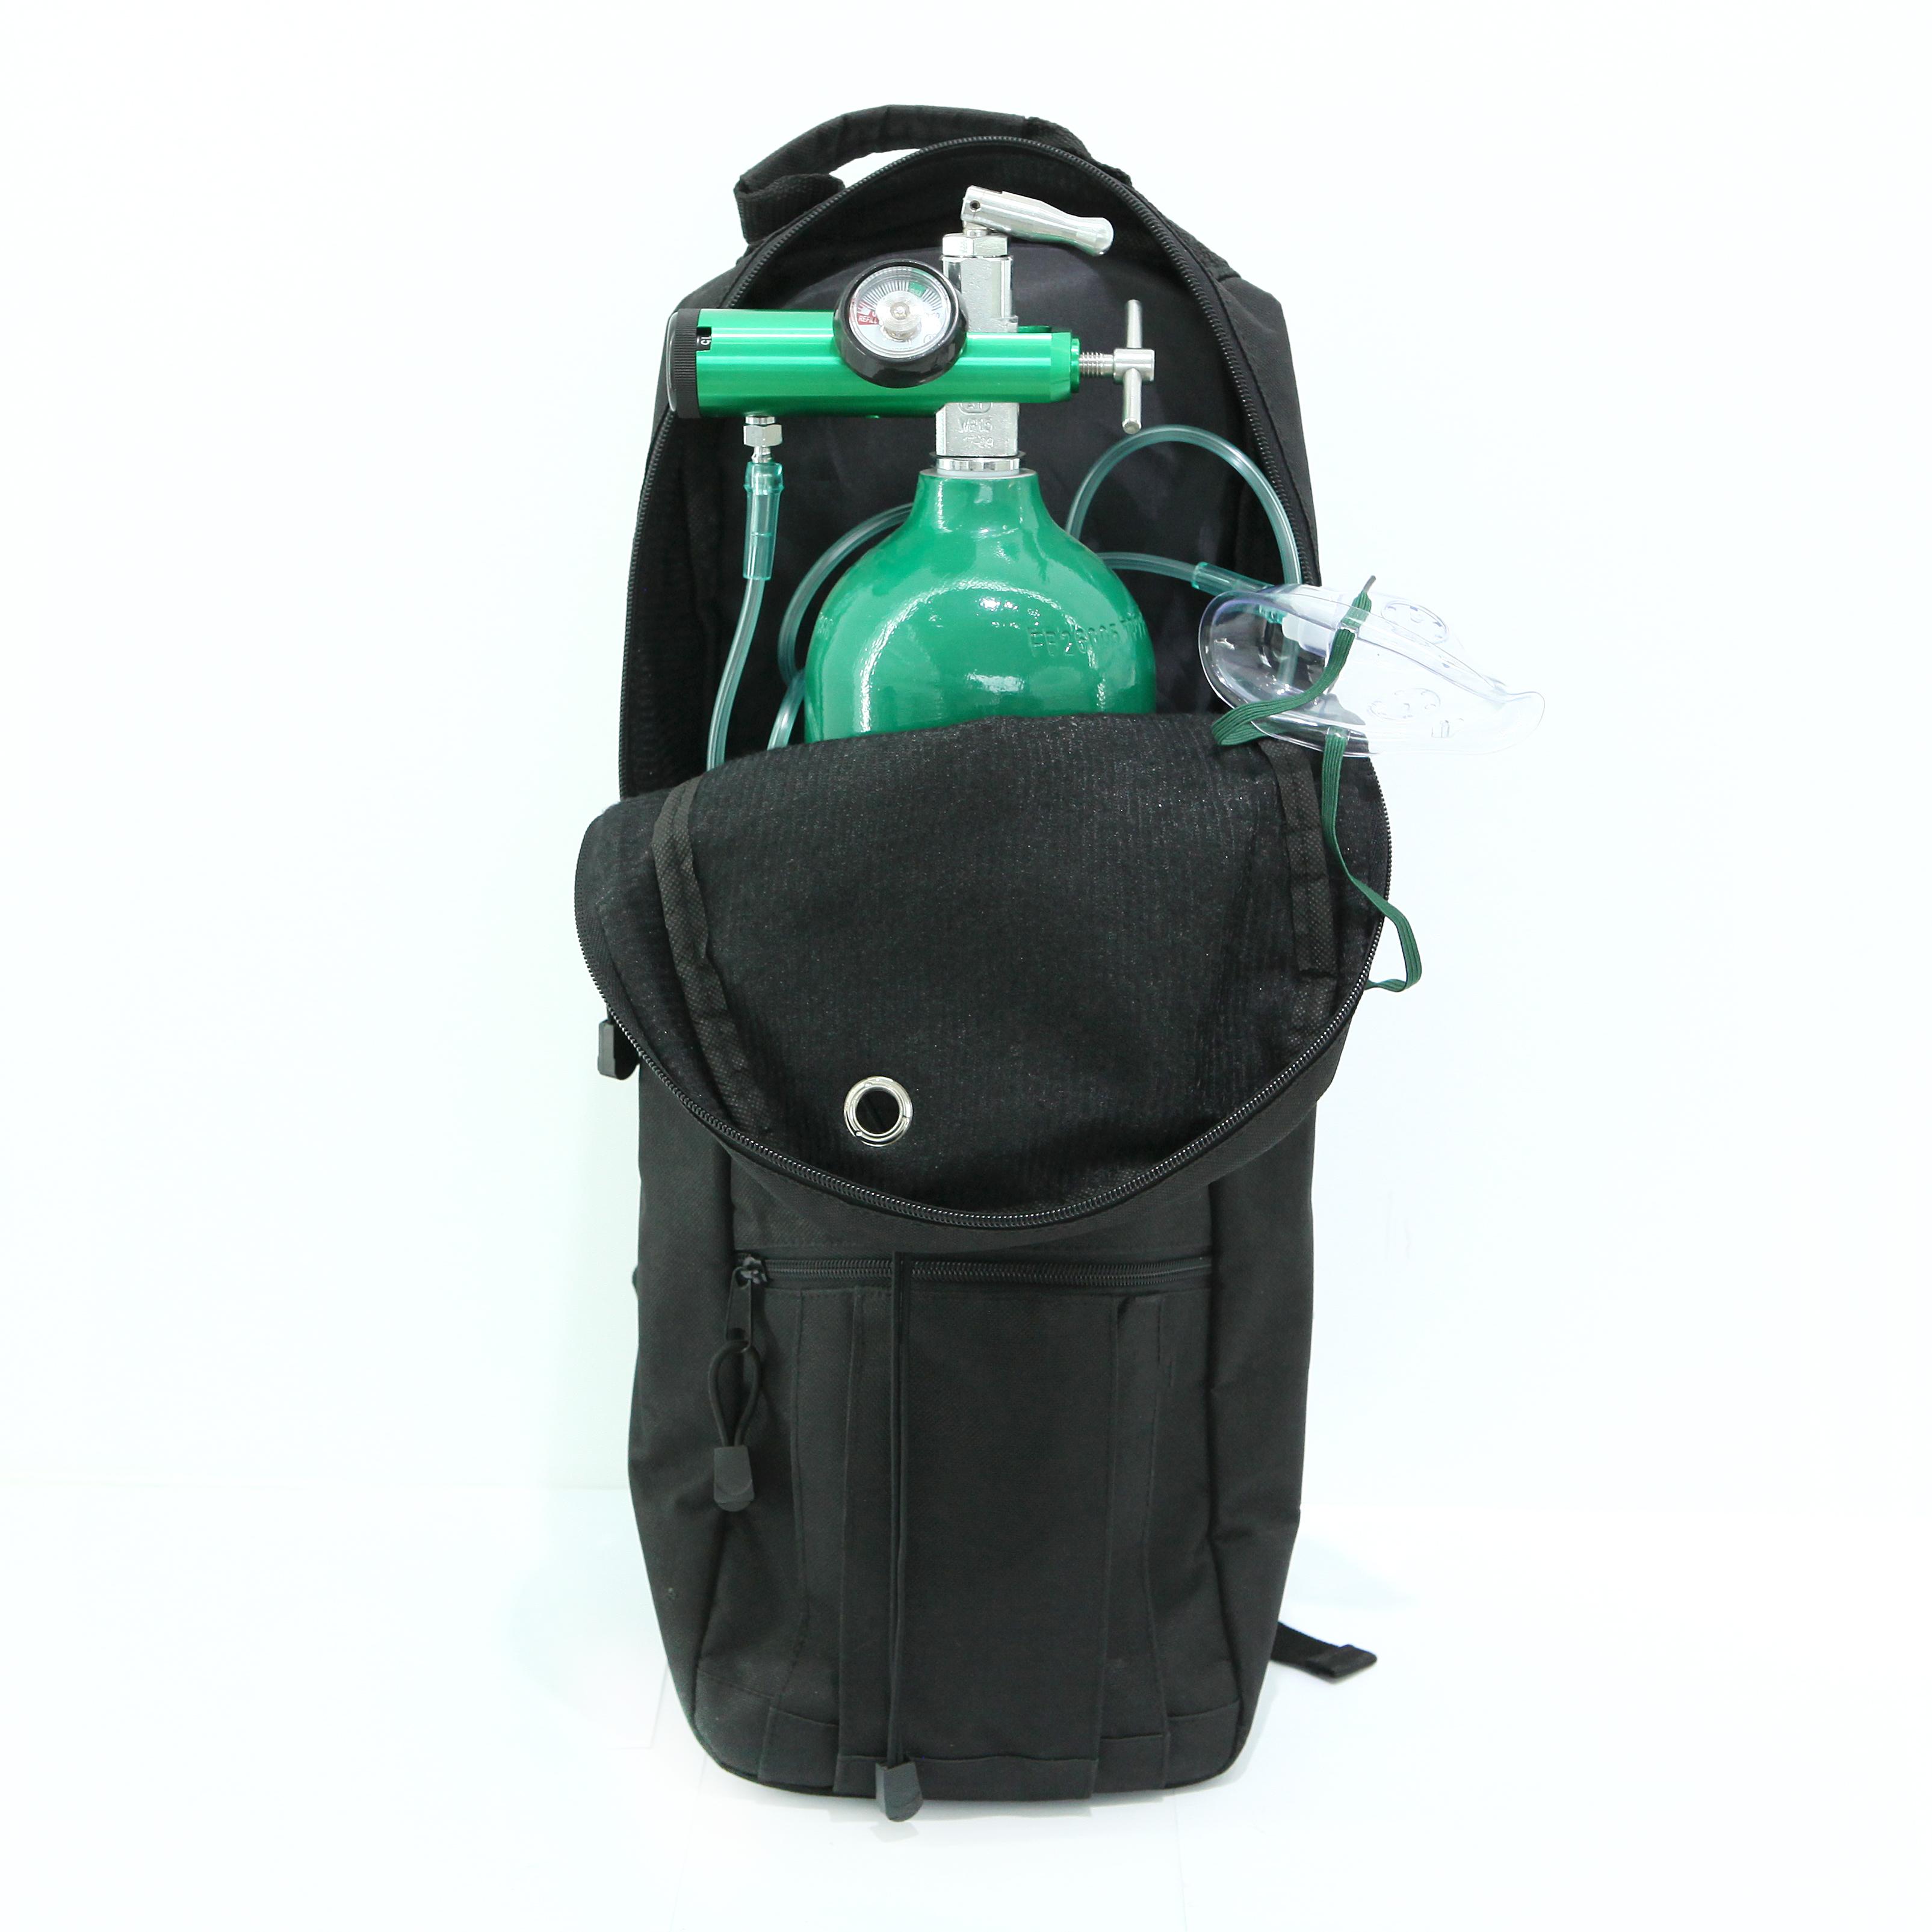 Cylinder bag cylinder backpack bag - KingCare   KingCare.net